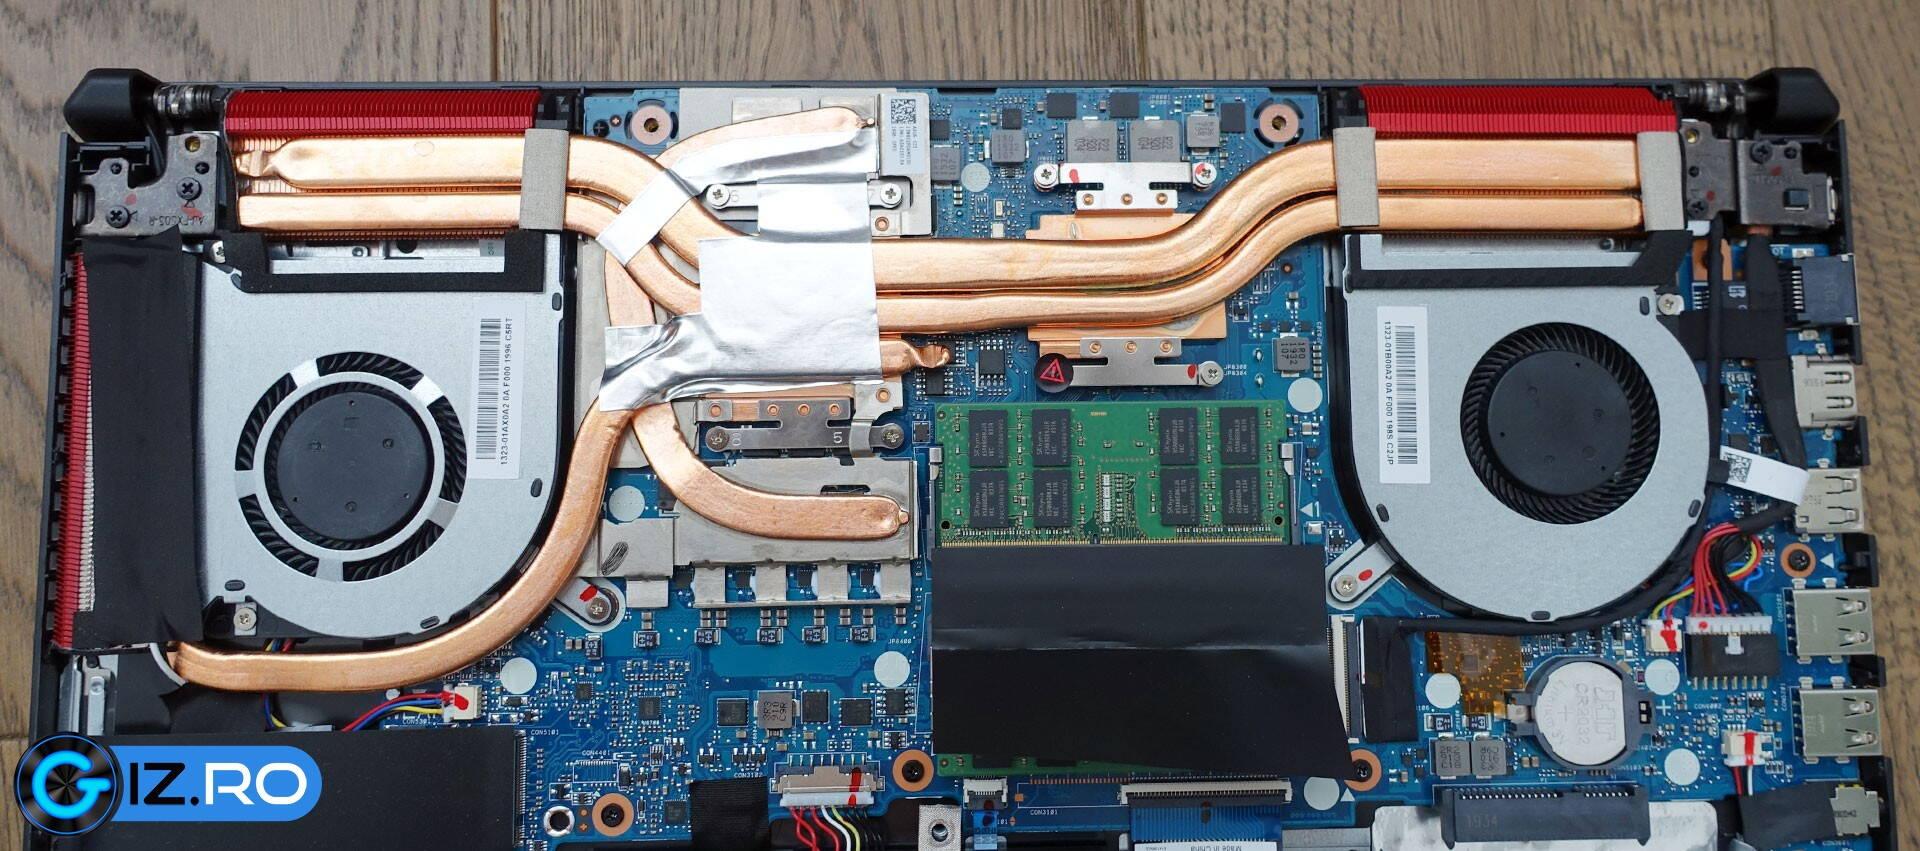 asus-tuf-gaming-fx505dv-cooling